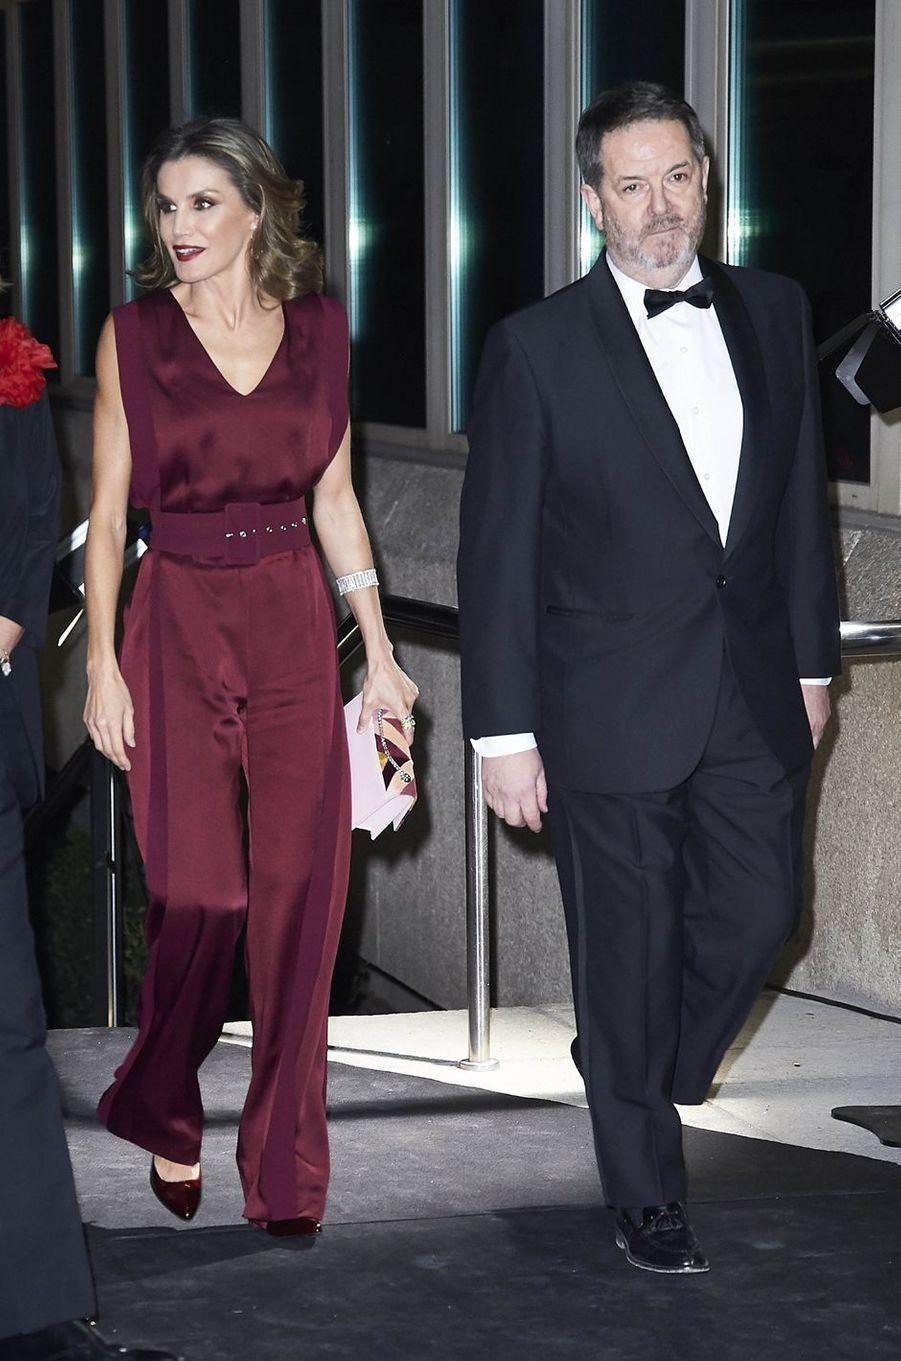 La reine Letizia d'Espagne dans une combi-pantalon Angel Schlesser à Madrid, le 26 octobre 2017